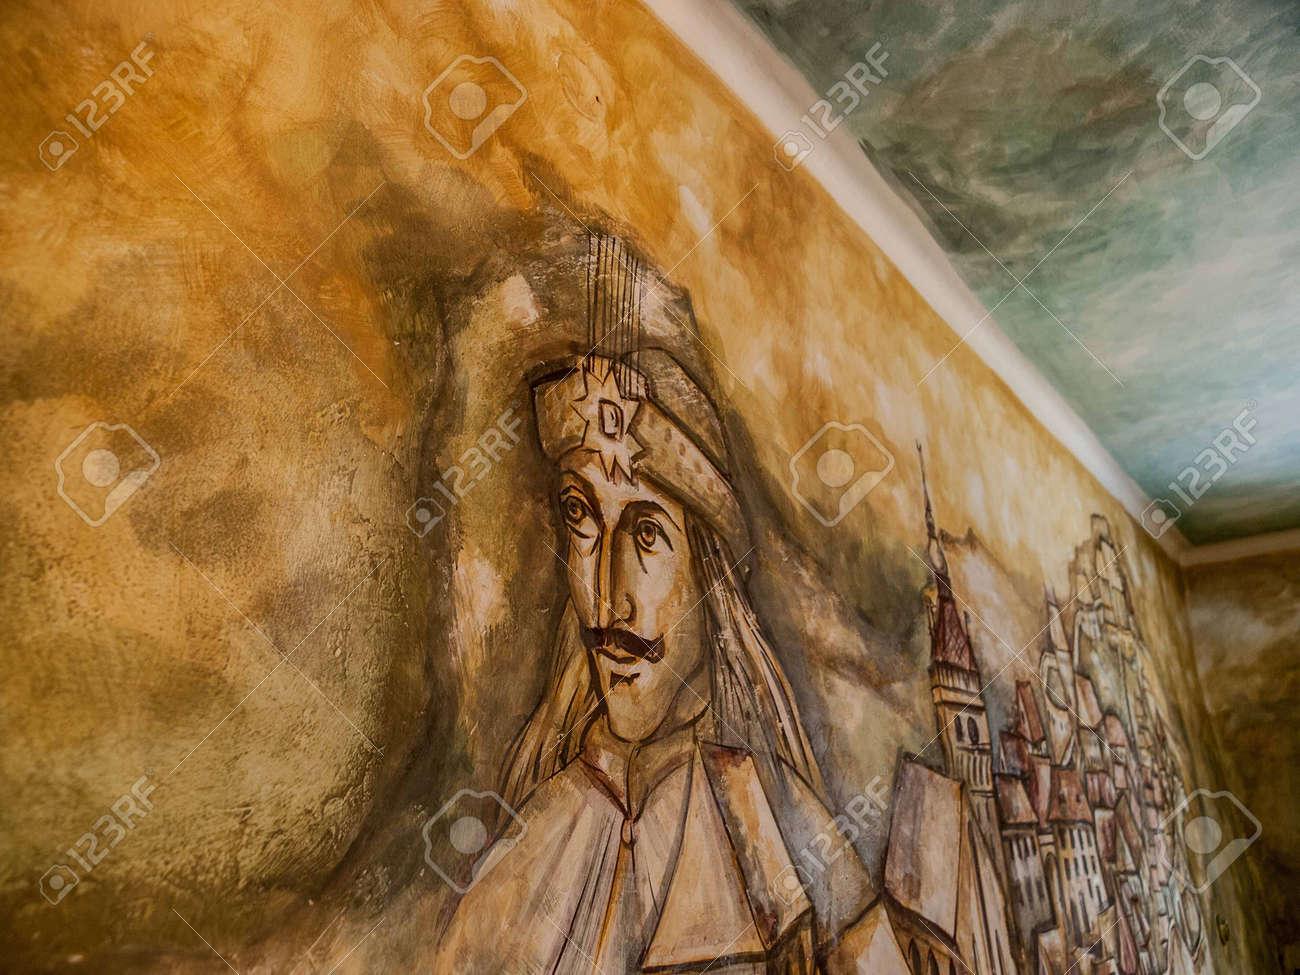 Peinture De Vlad Tepes Vlad L Empaleur Sur Le Mur Intérieur De La Maison Qu Il Est Né En à Sighisoara En Transylvanie En Roumanie En Europe